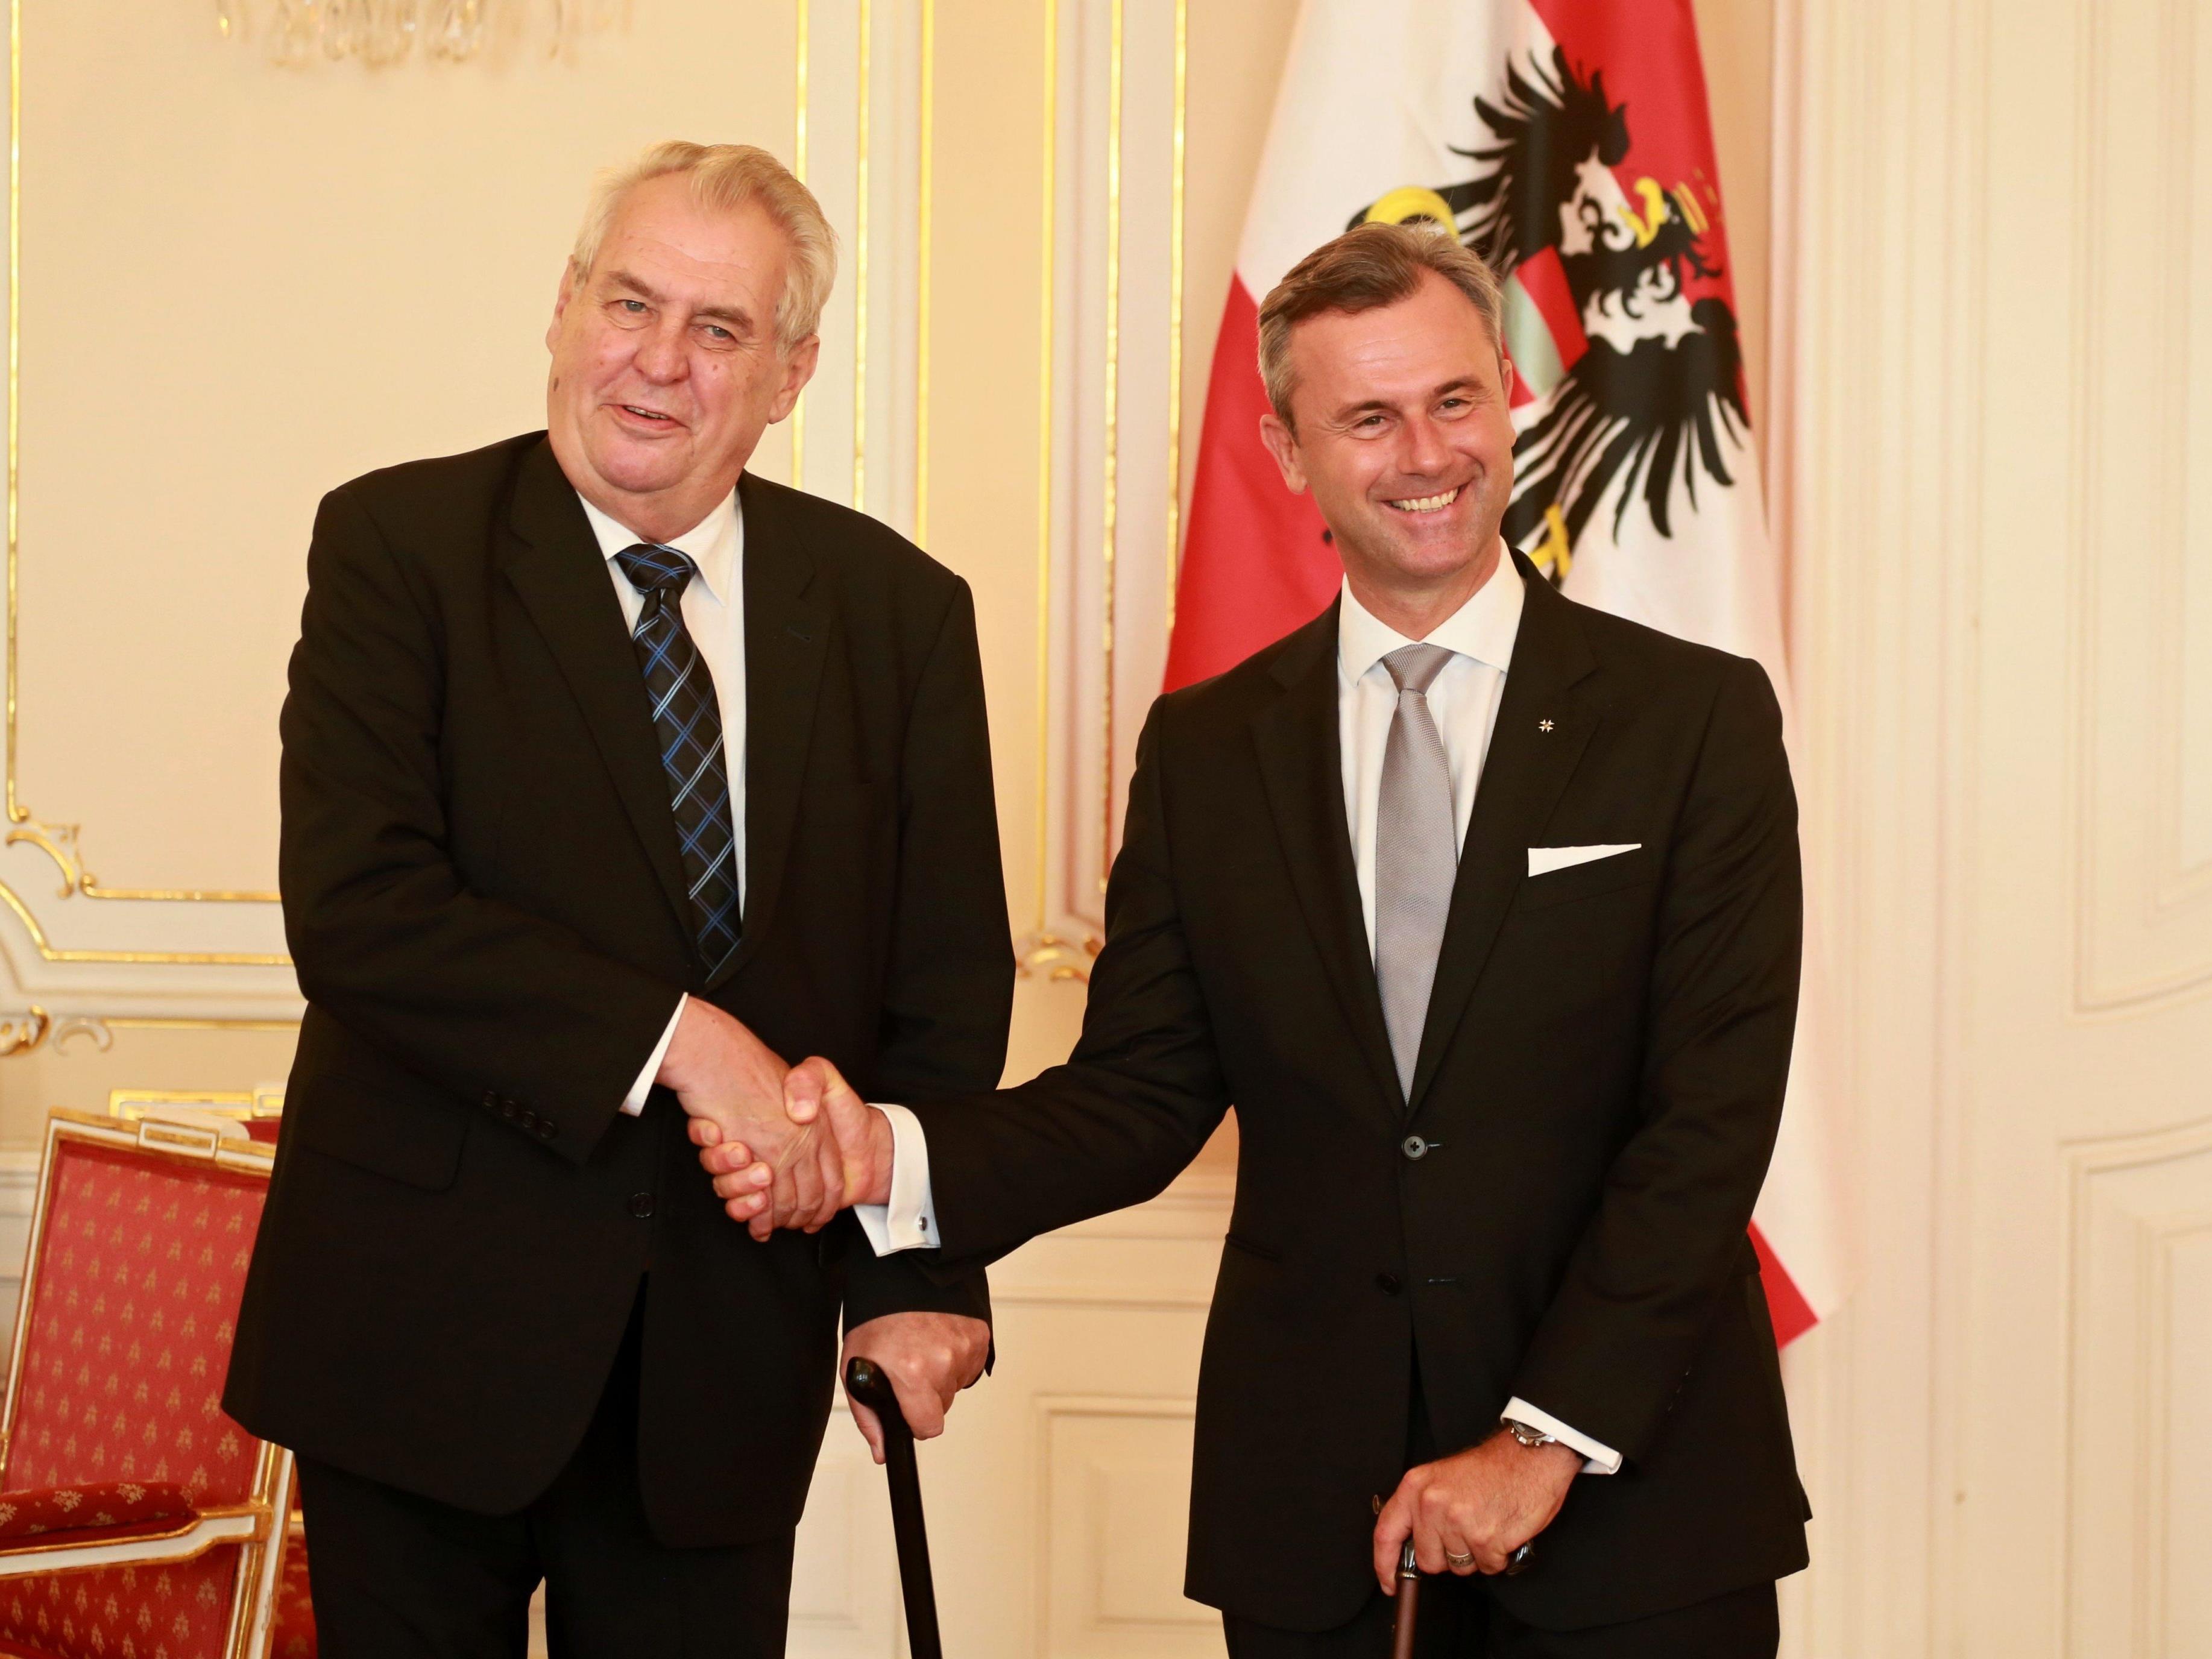 Der tschechische Präsident traf BP-Kandidat Hofer in Prag